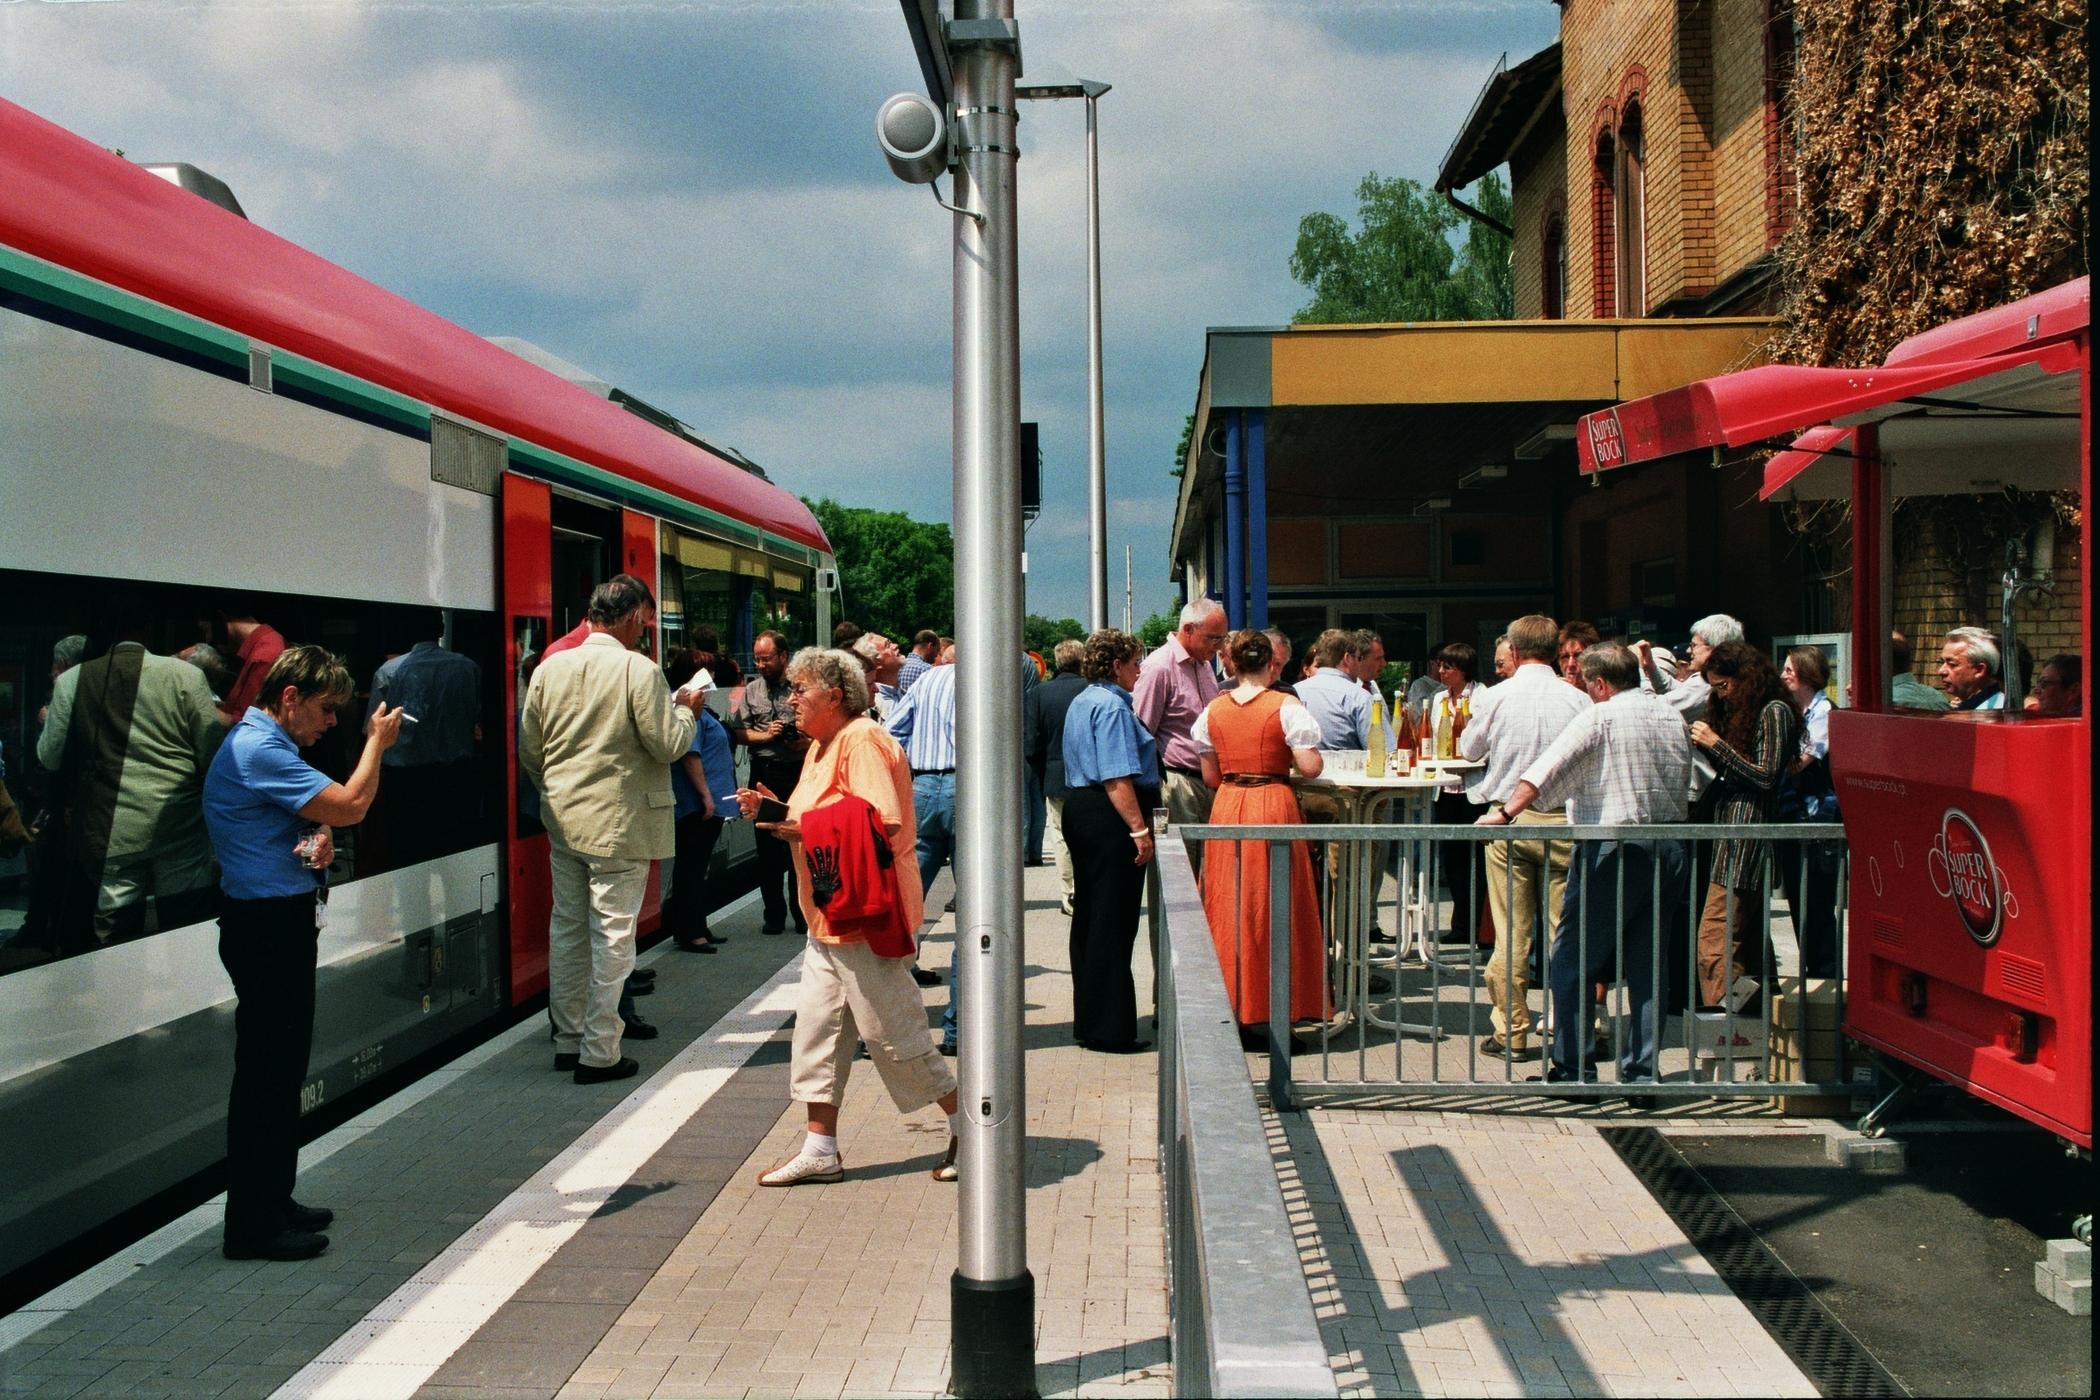 Station Groß-Umstadt vor der Weiterfahrt des Sonderzuges